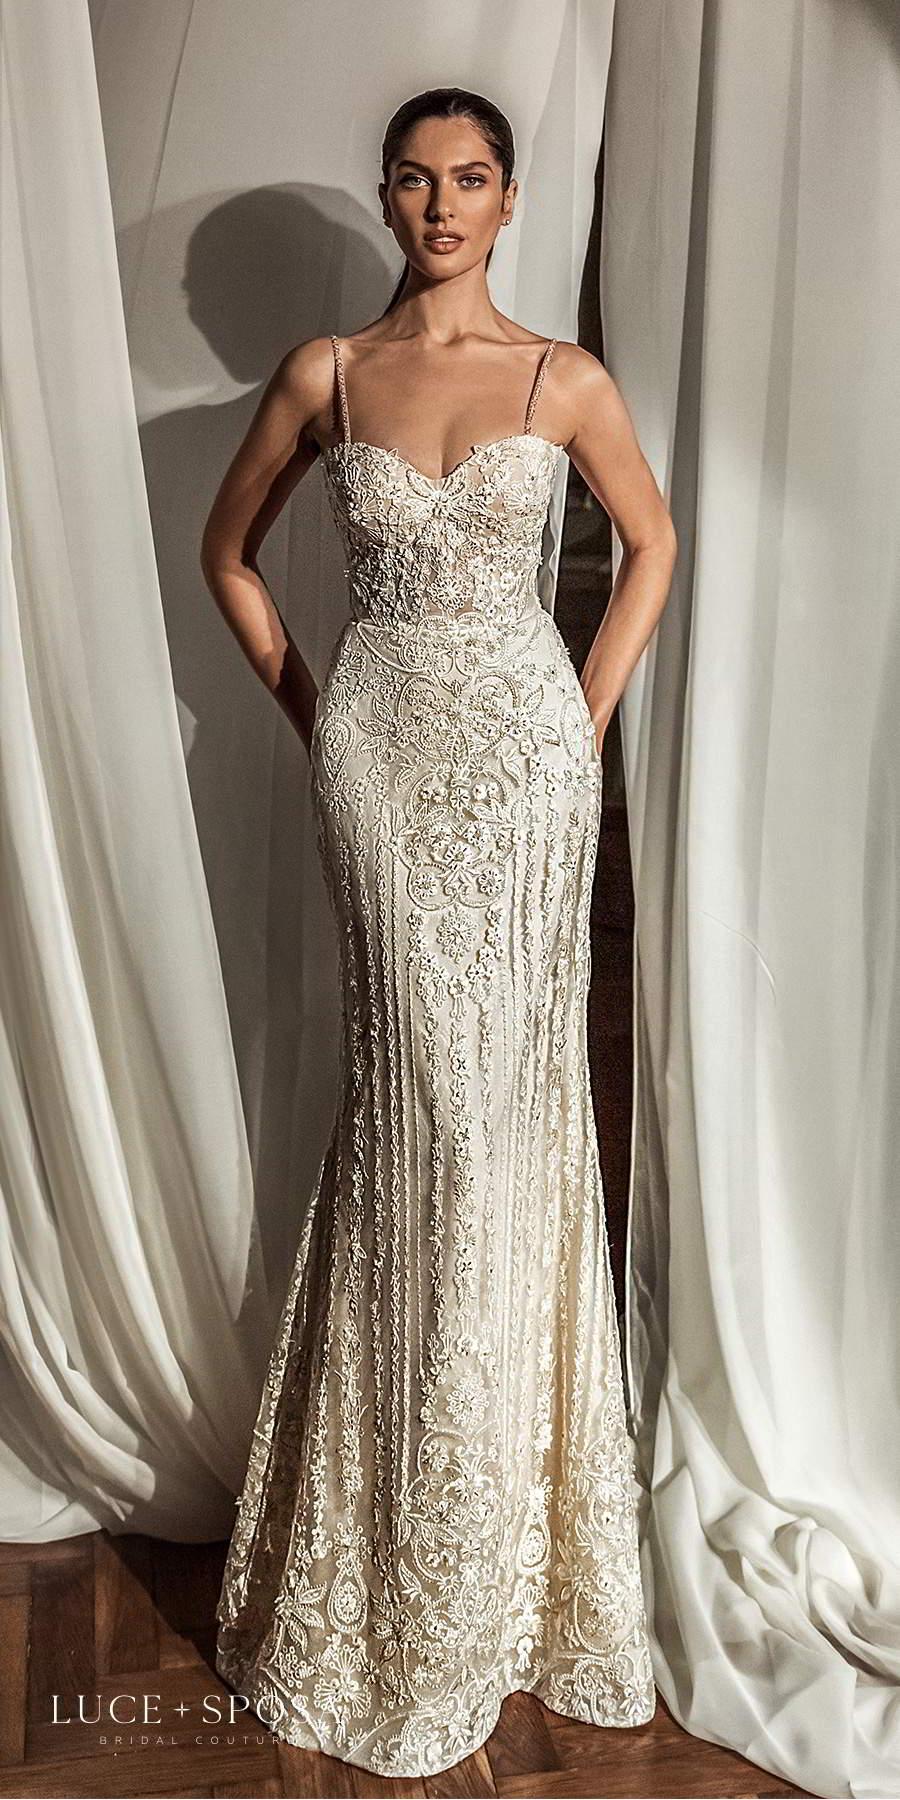 luce sposa 2021 shades of couture bridal sleeveless straps sweetheart neckline fully embellished glamorous sheath wedding dress sweep train (ava) mv